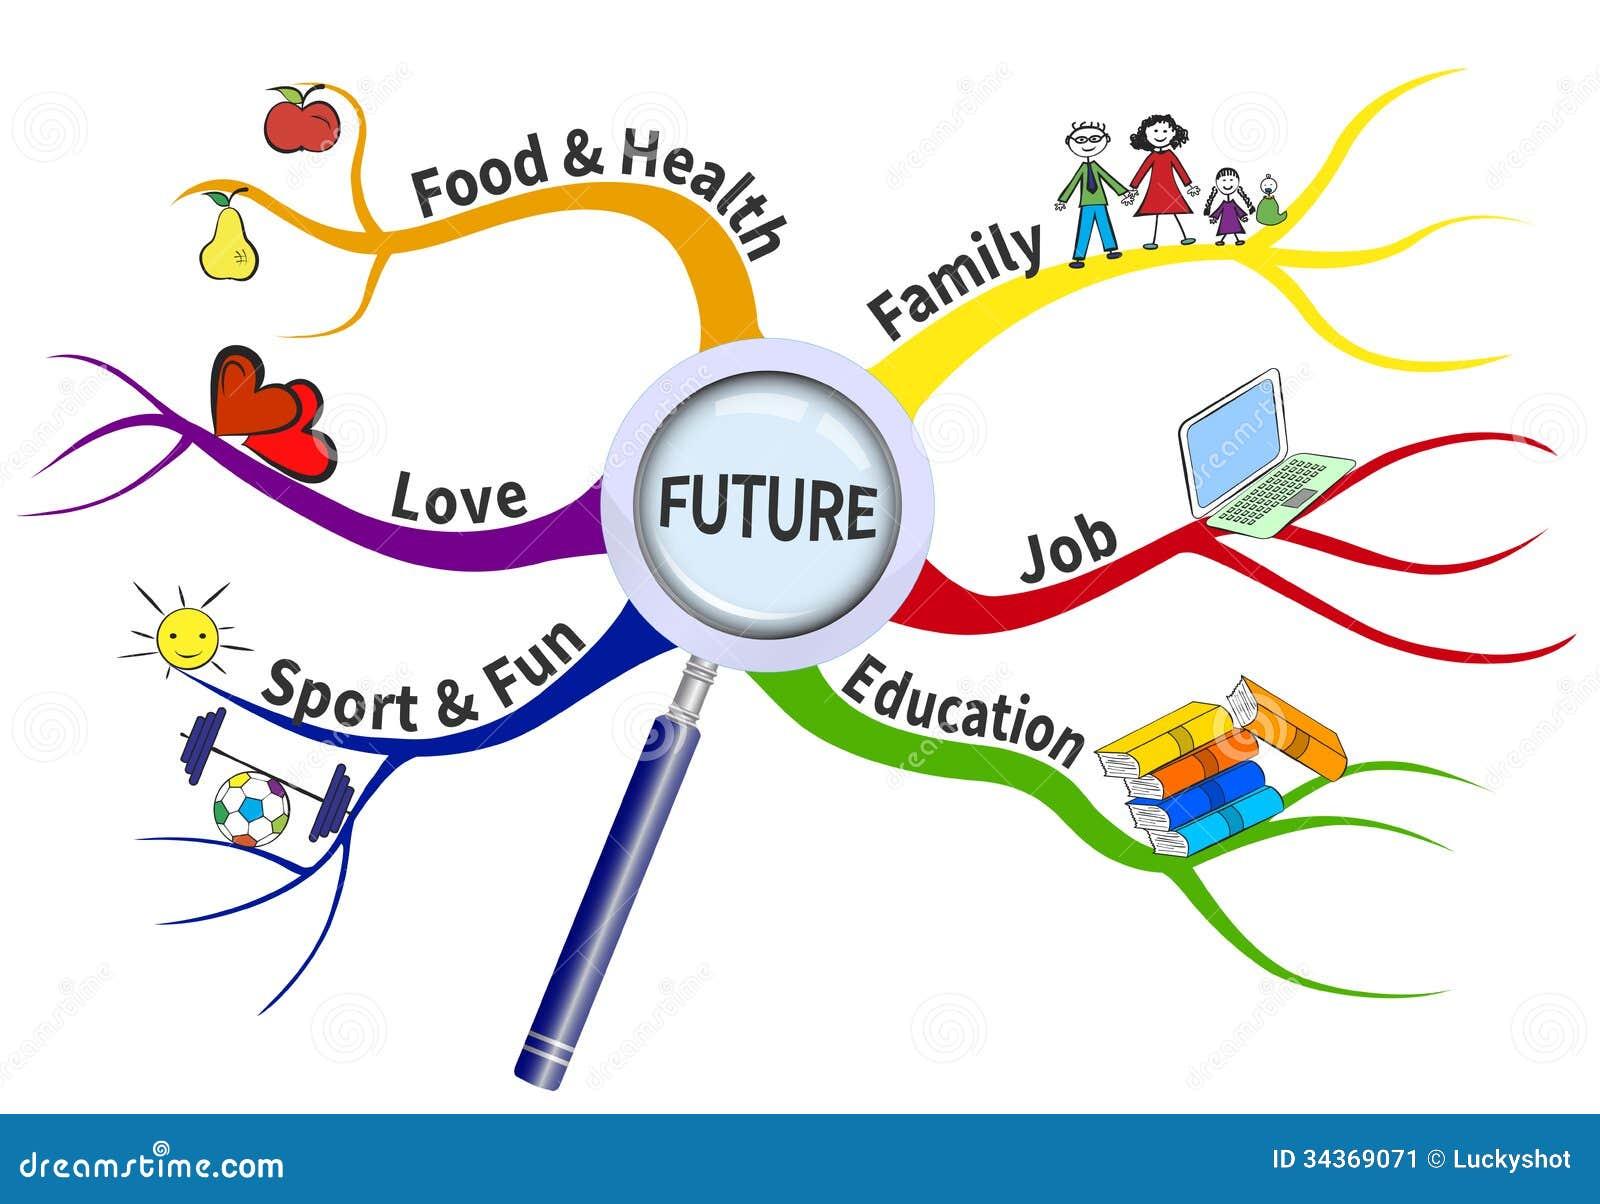 Σχέδιο για το μέλλον σε έναν χάρτη μυαλού